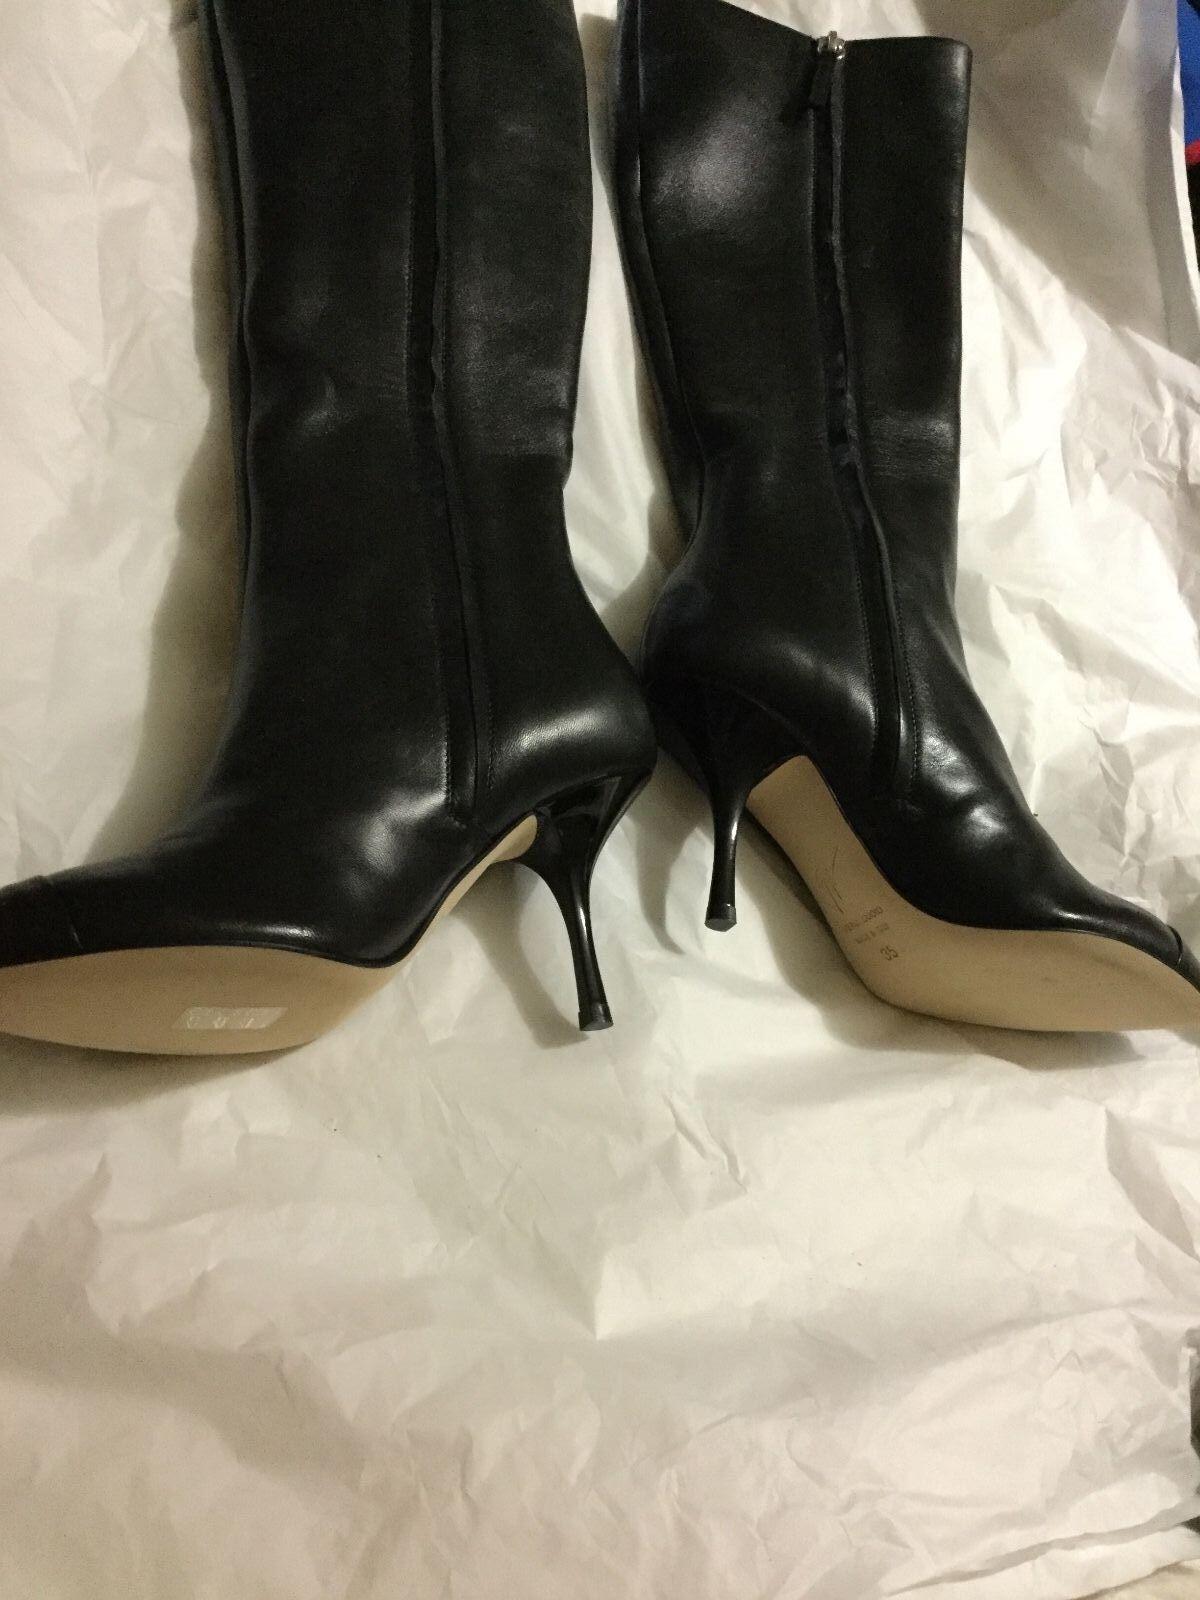 l'ultimo NEW Giuseppe Zanotti donna nero Knee-High stivali - - - EU 35  autorizzazione ufficiale